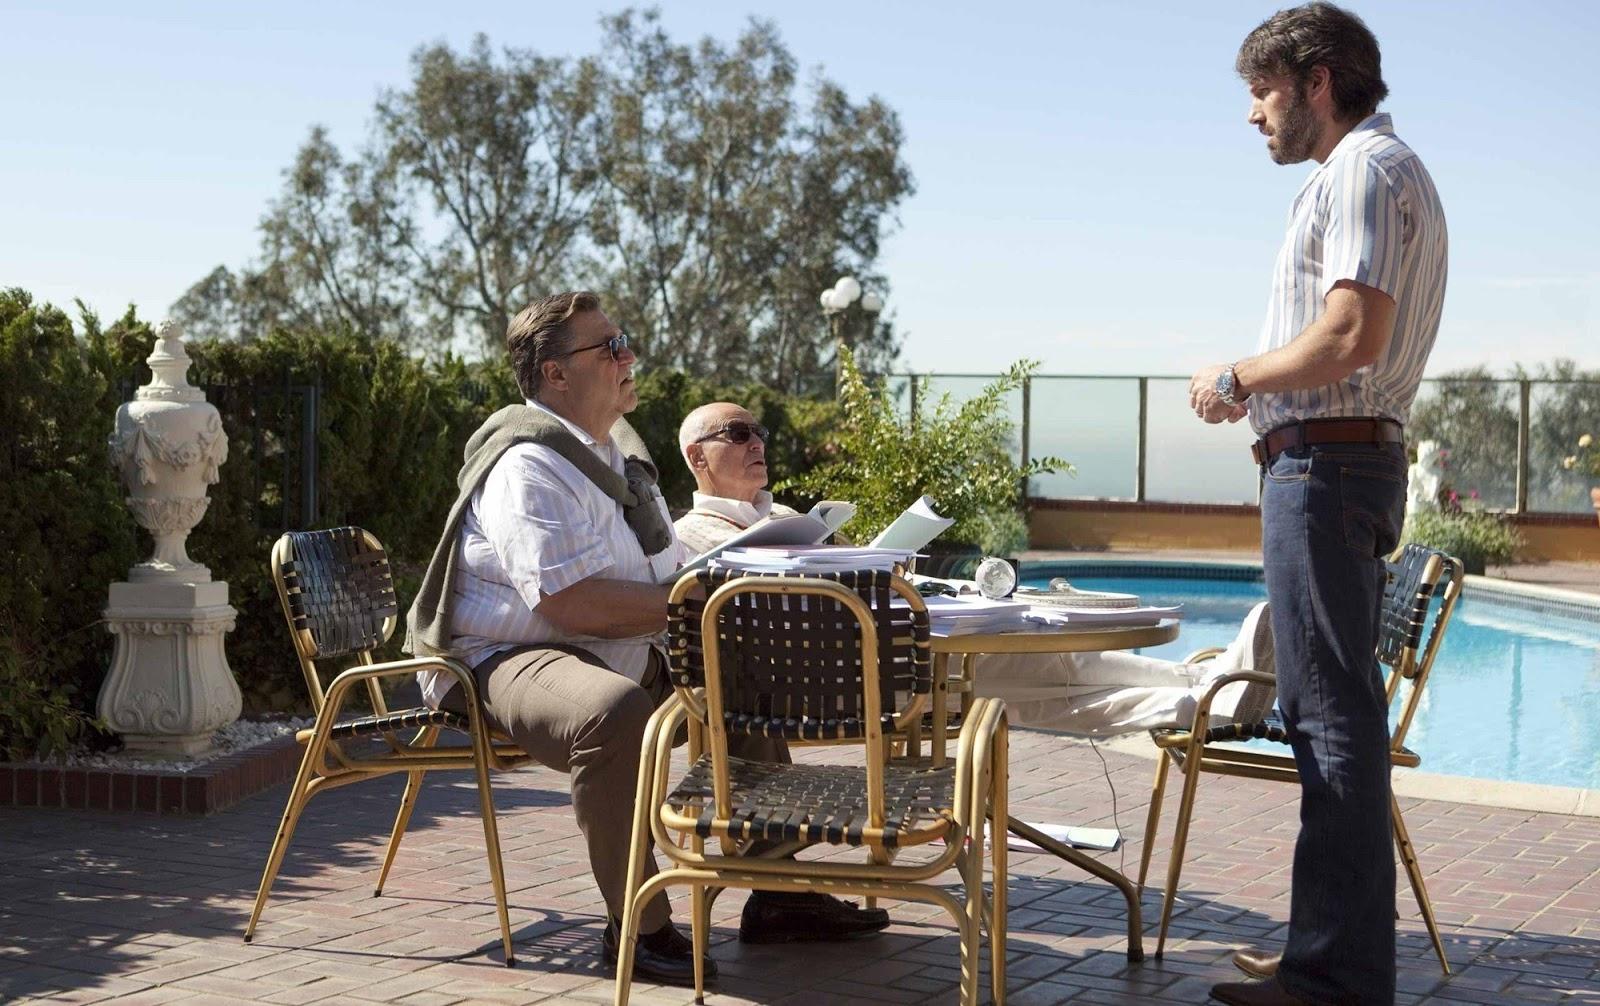 John Goodman, Alan Arkin, and Ben Affleck